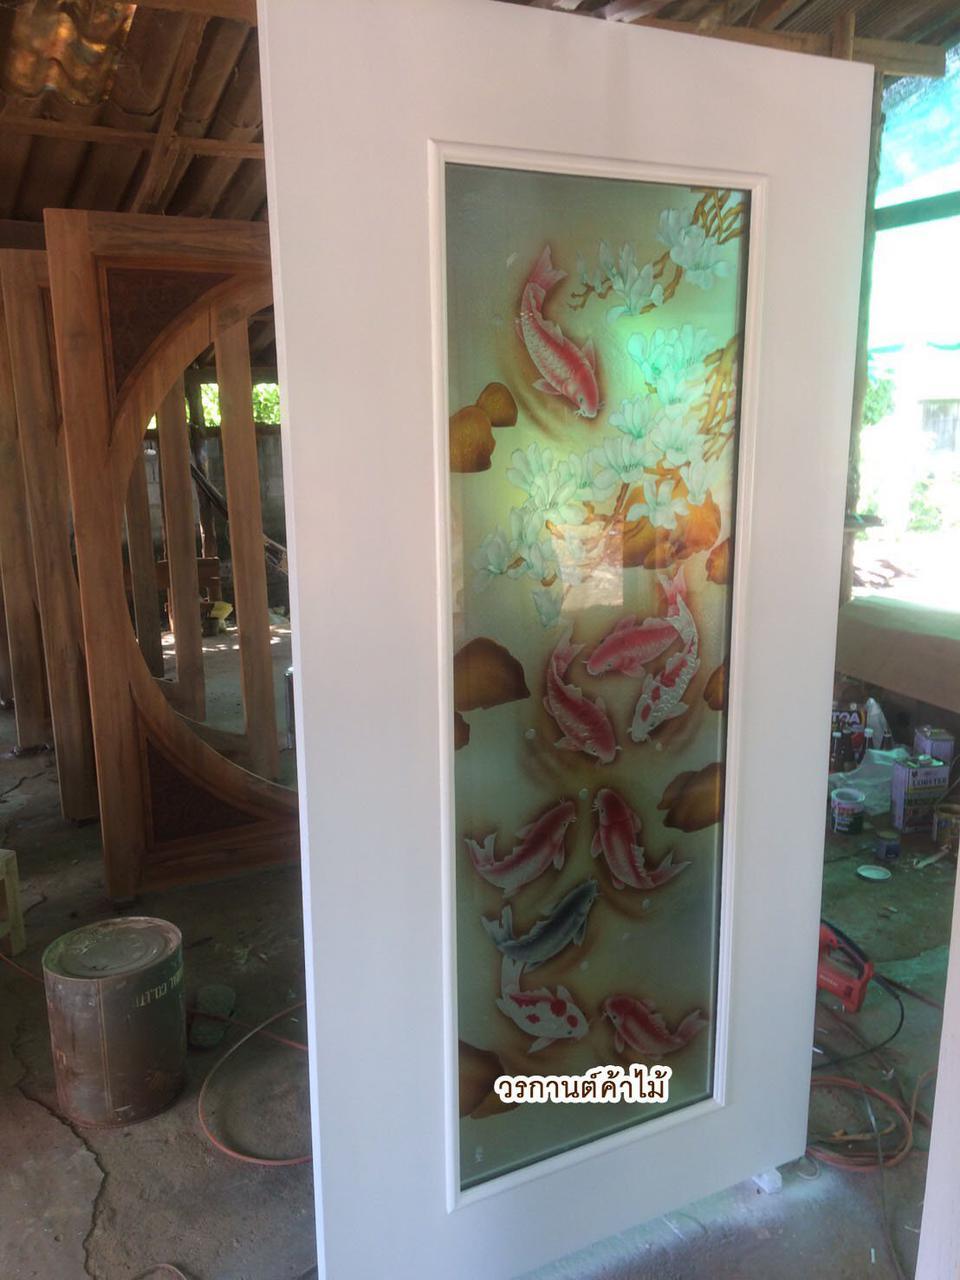 door-woodhome ร้านวรกานต์ค้าไม้ จำหน่ายประตูไม้สัก ,ประตูไม้สักกระจกนิรภัย,ประตูหน้าต่าง รูปที่ 3